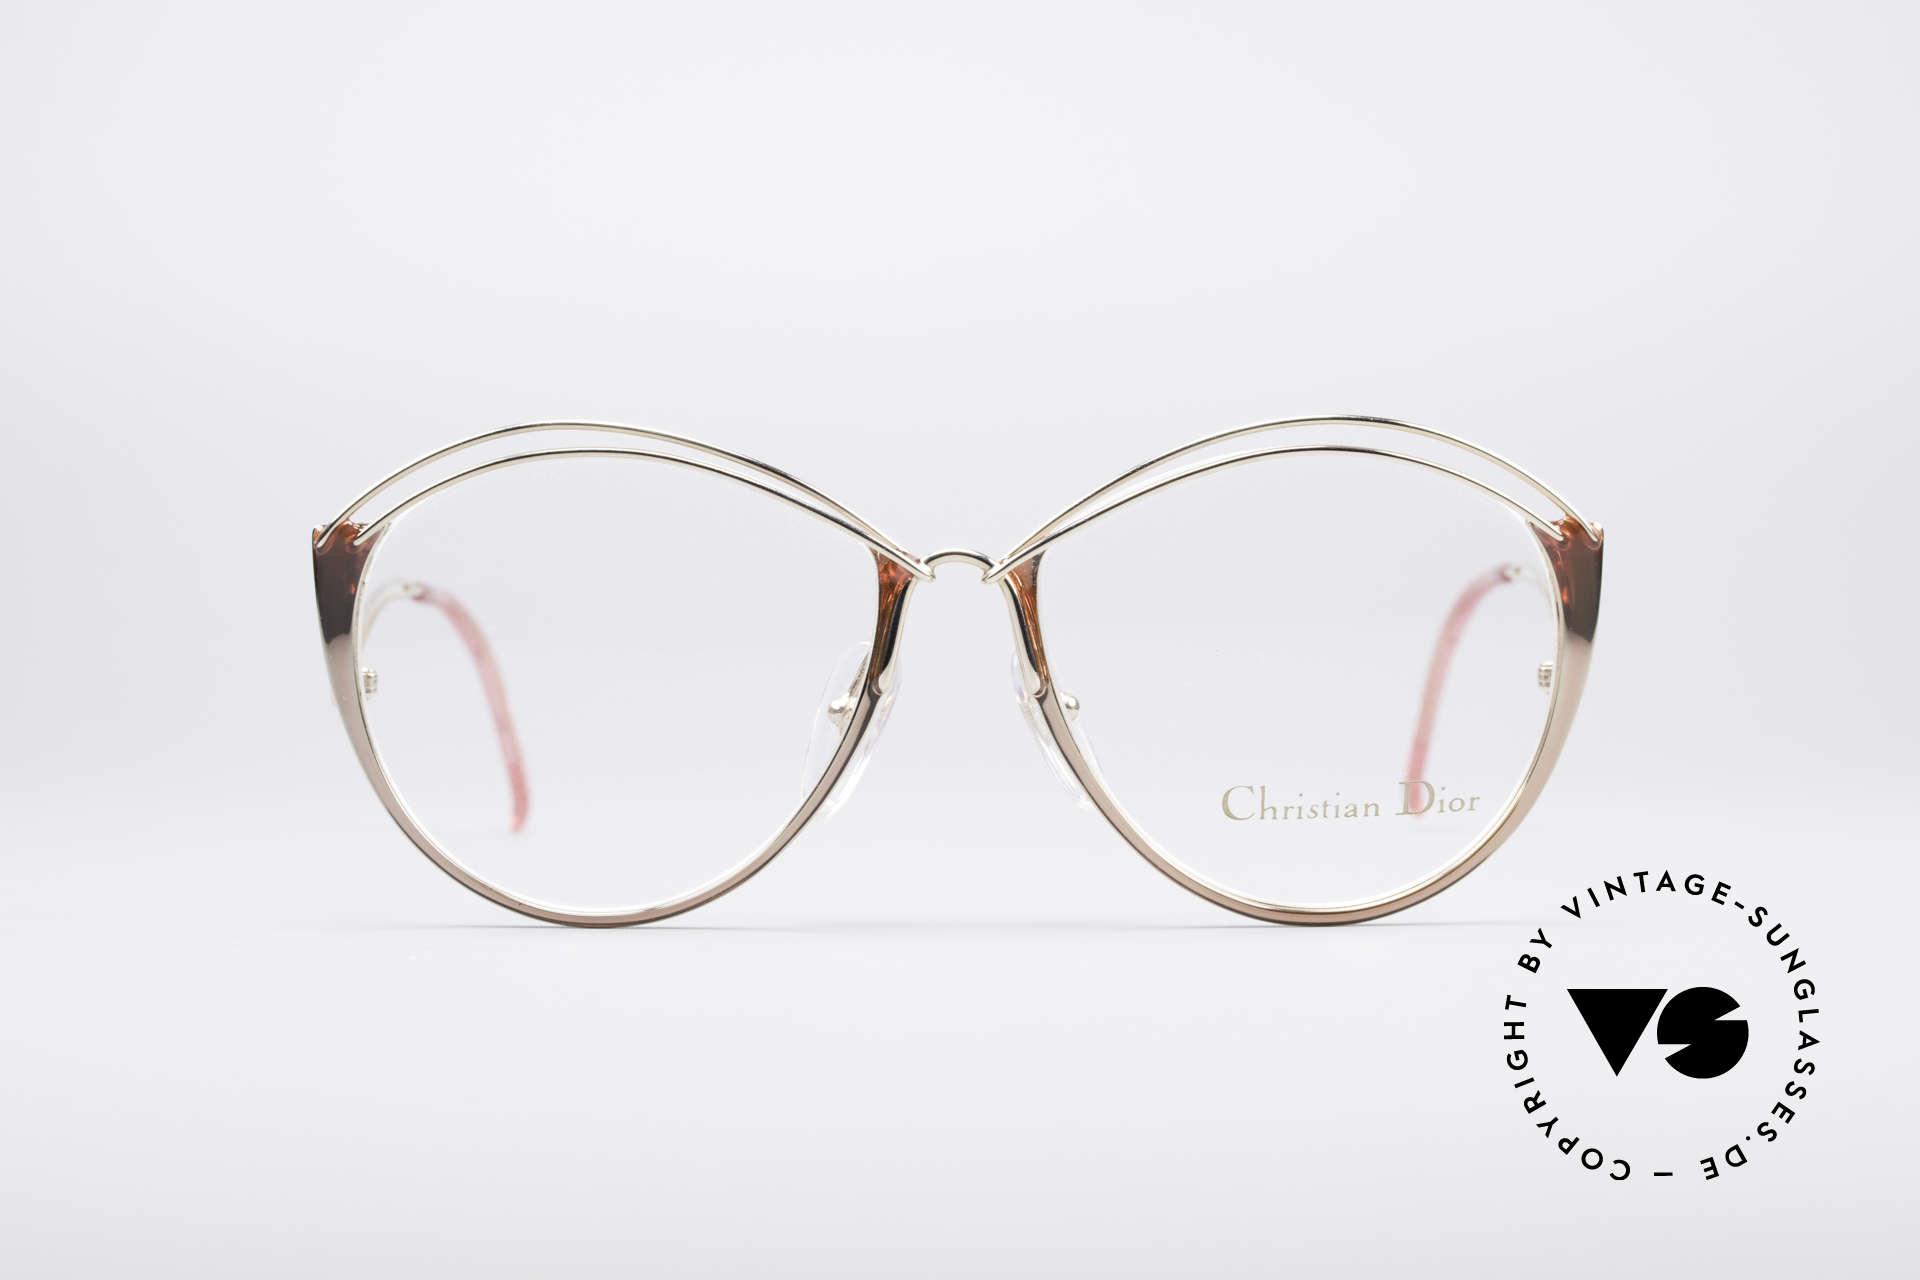 Christian Dior 2535 90er Ladies Brille, wundervolle & schwungvolle Rahmengestaltung, Passend für Damen